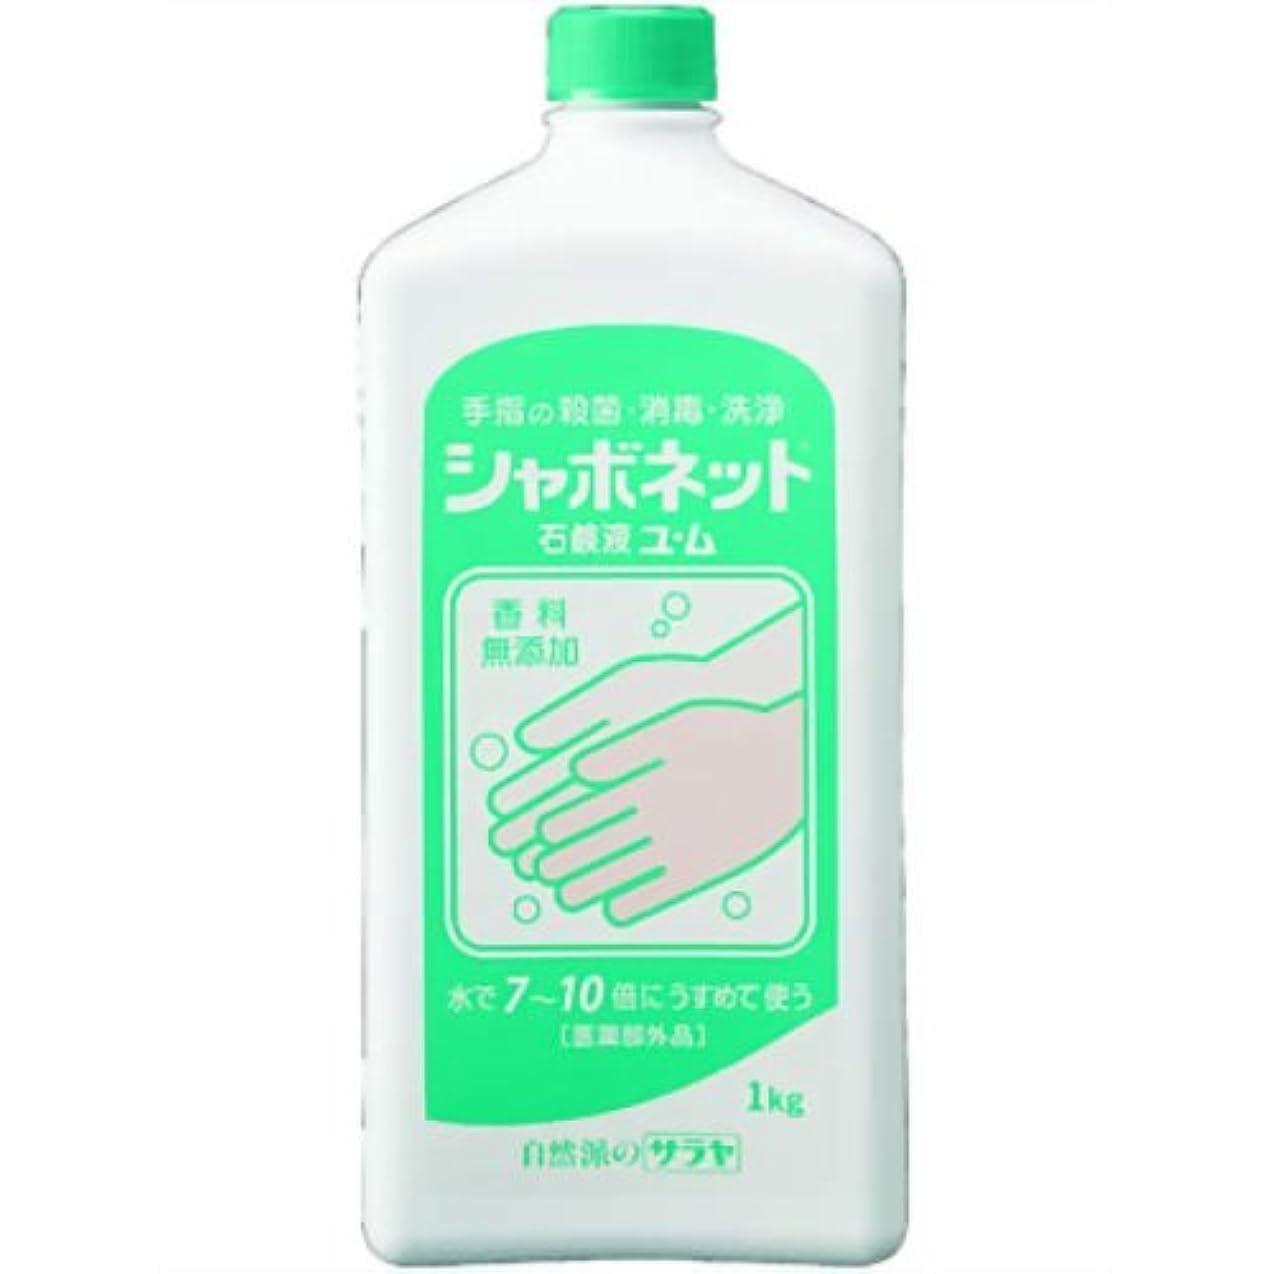 エゴイズムバイパス郵便屋さんシャボネット石鹸液ユ?ム 1kg